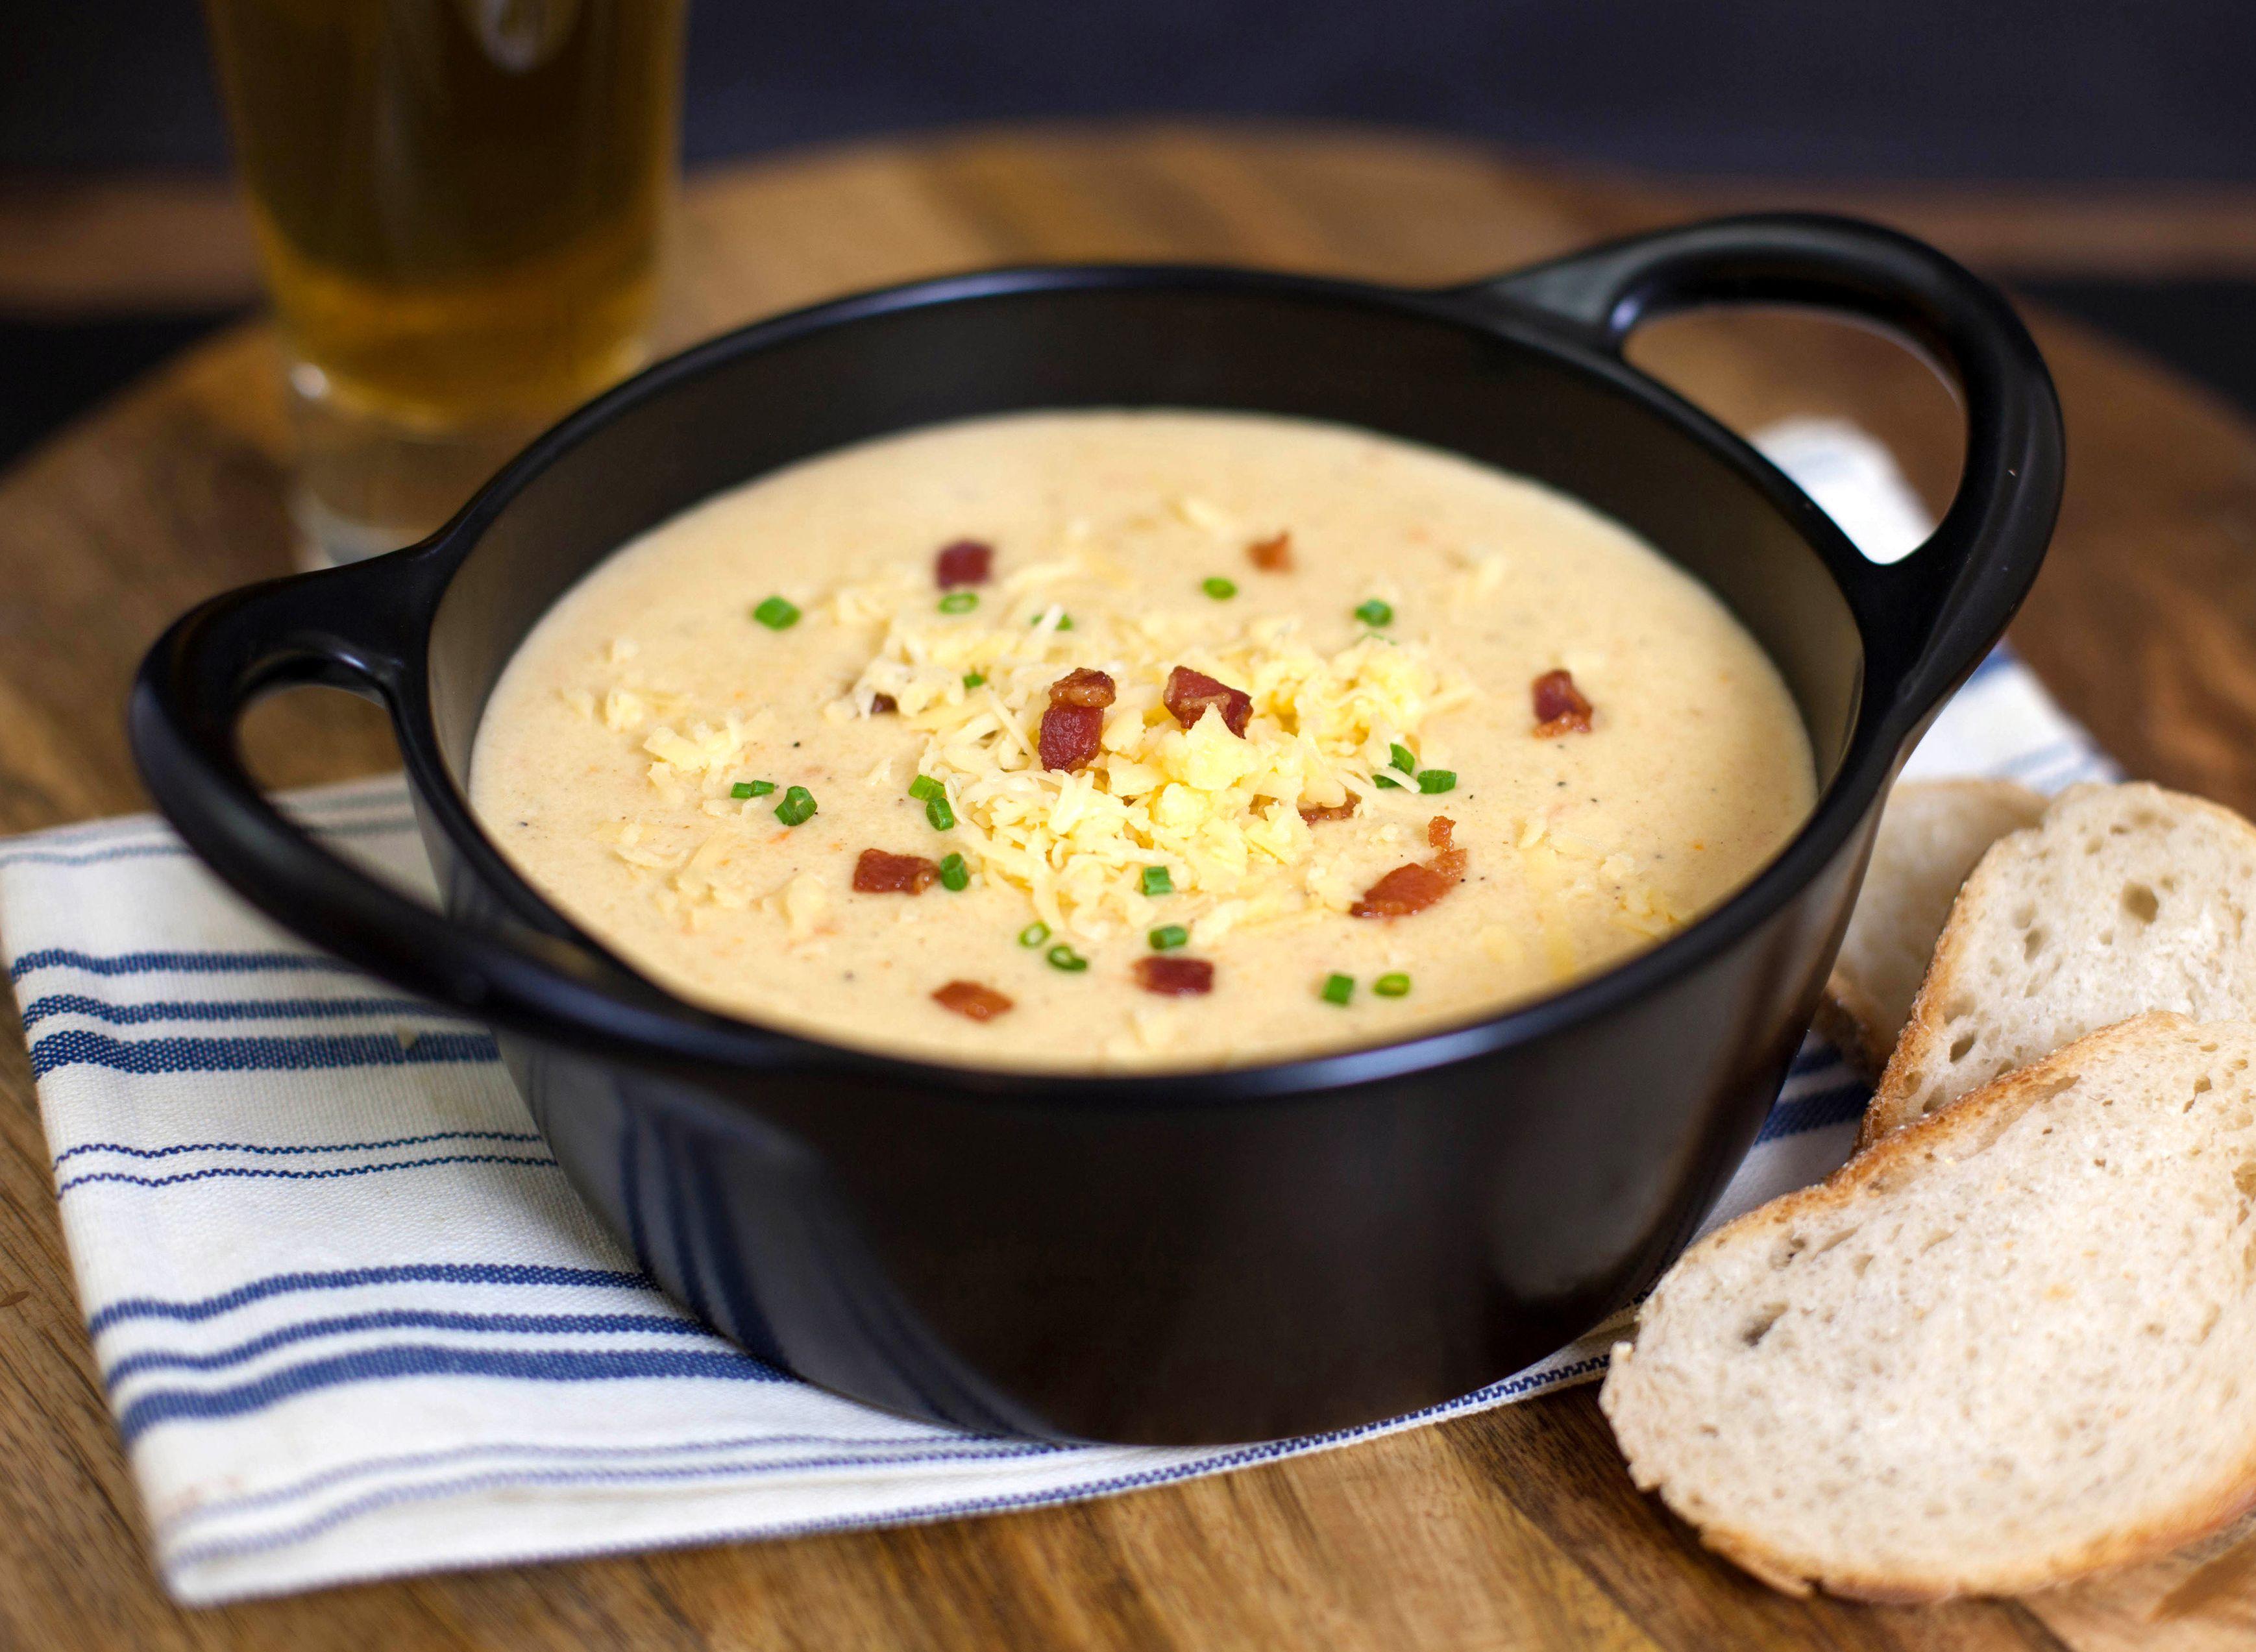 сотрудников рецепты сырного супа пюре с фото учишь английский